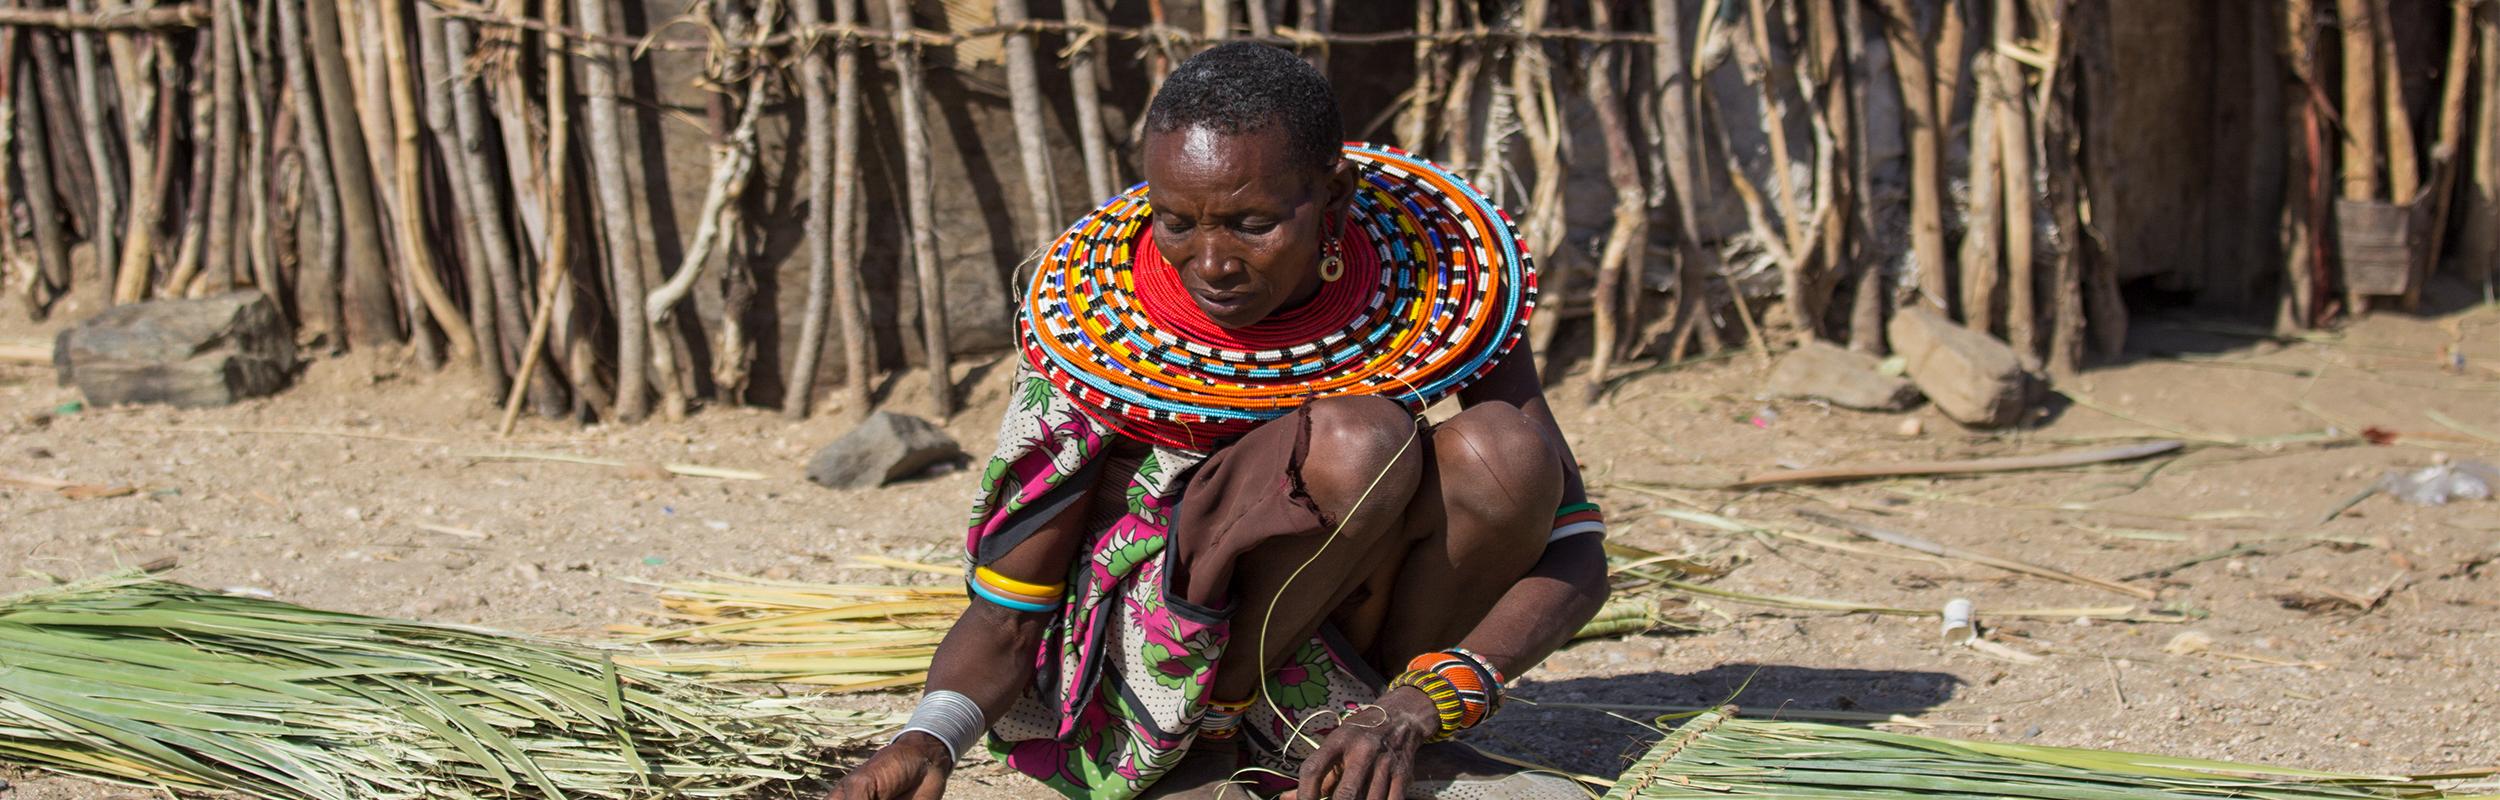 Maatwerk in Kenia